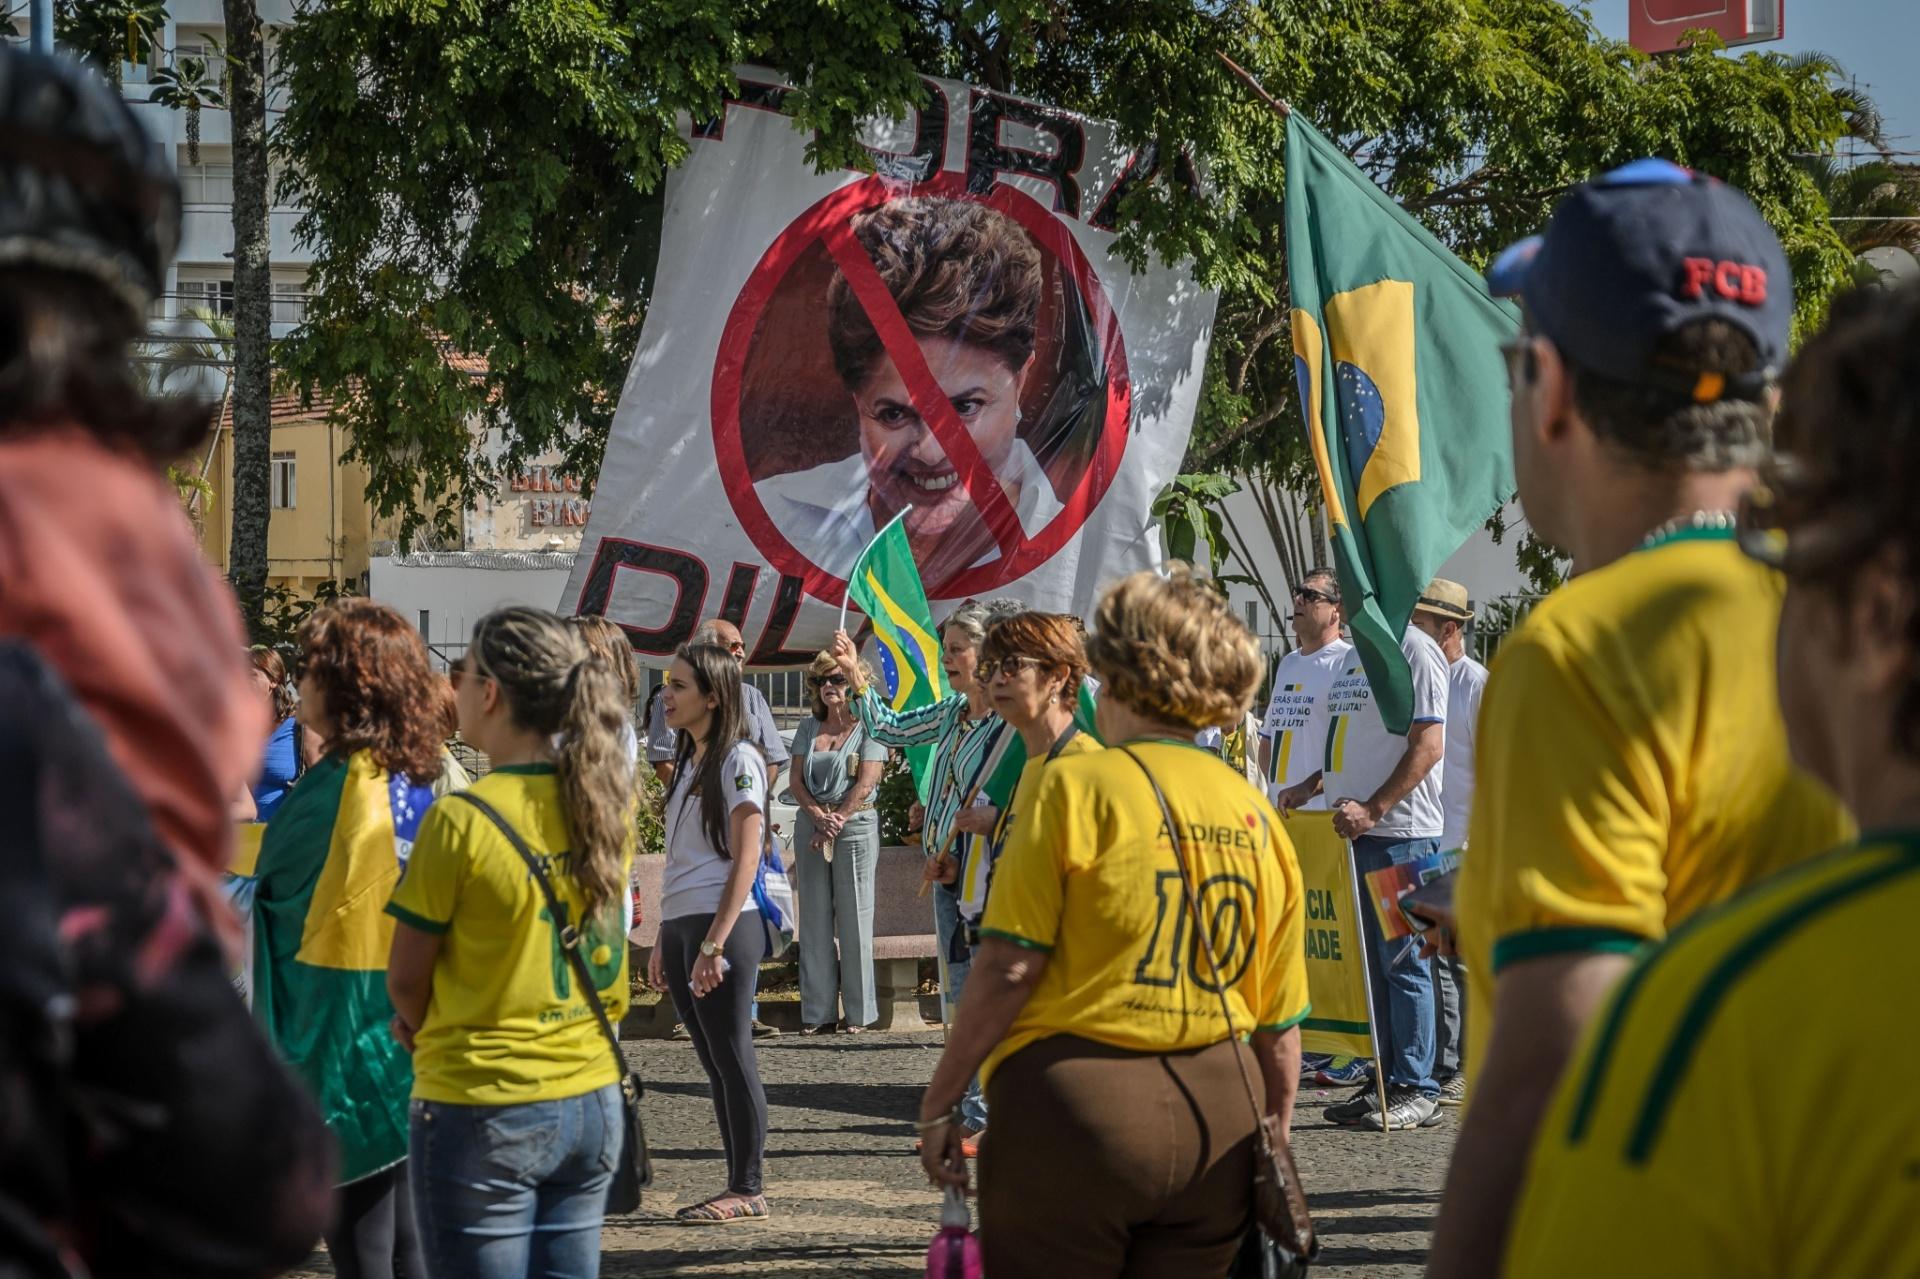 31.jul.2016 - Manifestantes protestam contra a corrupção e a favor do impeachment da presidente afastada, Dilma Rousseff, no centro de Franca, interior de São Paulo